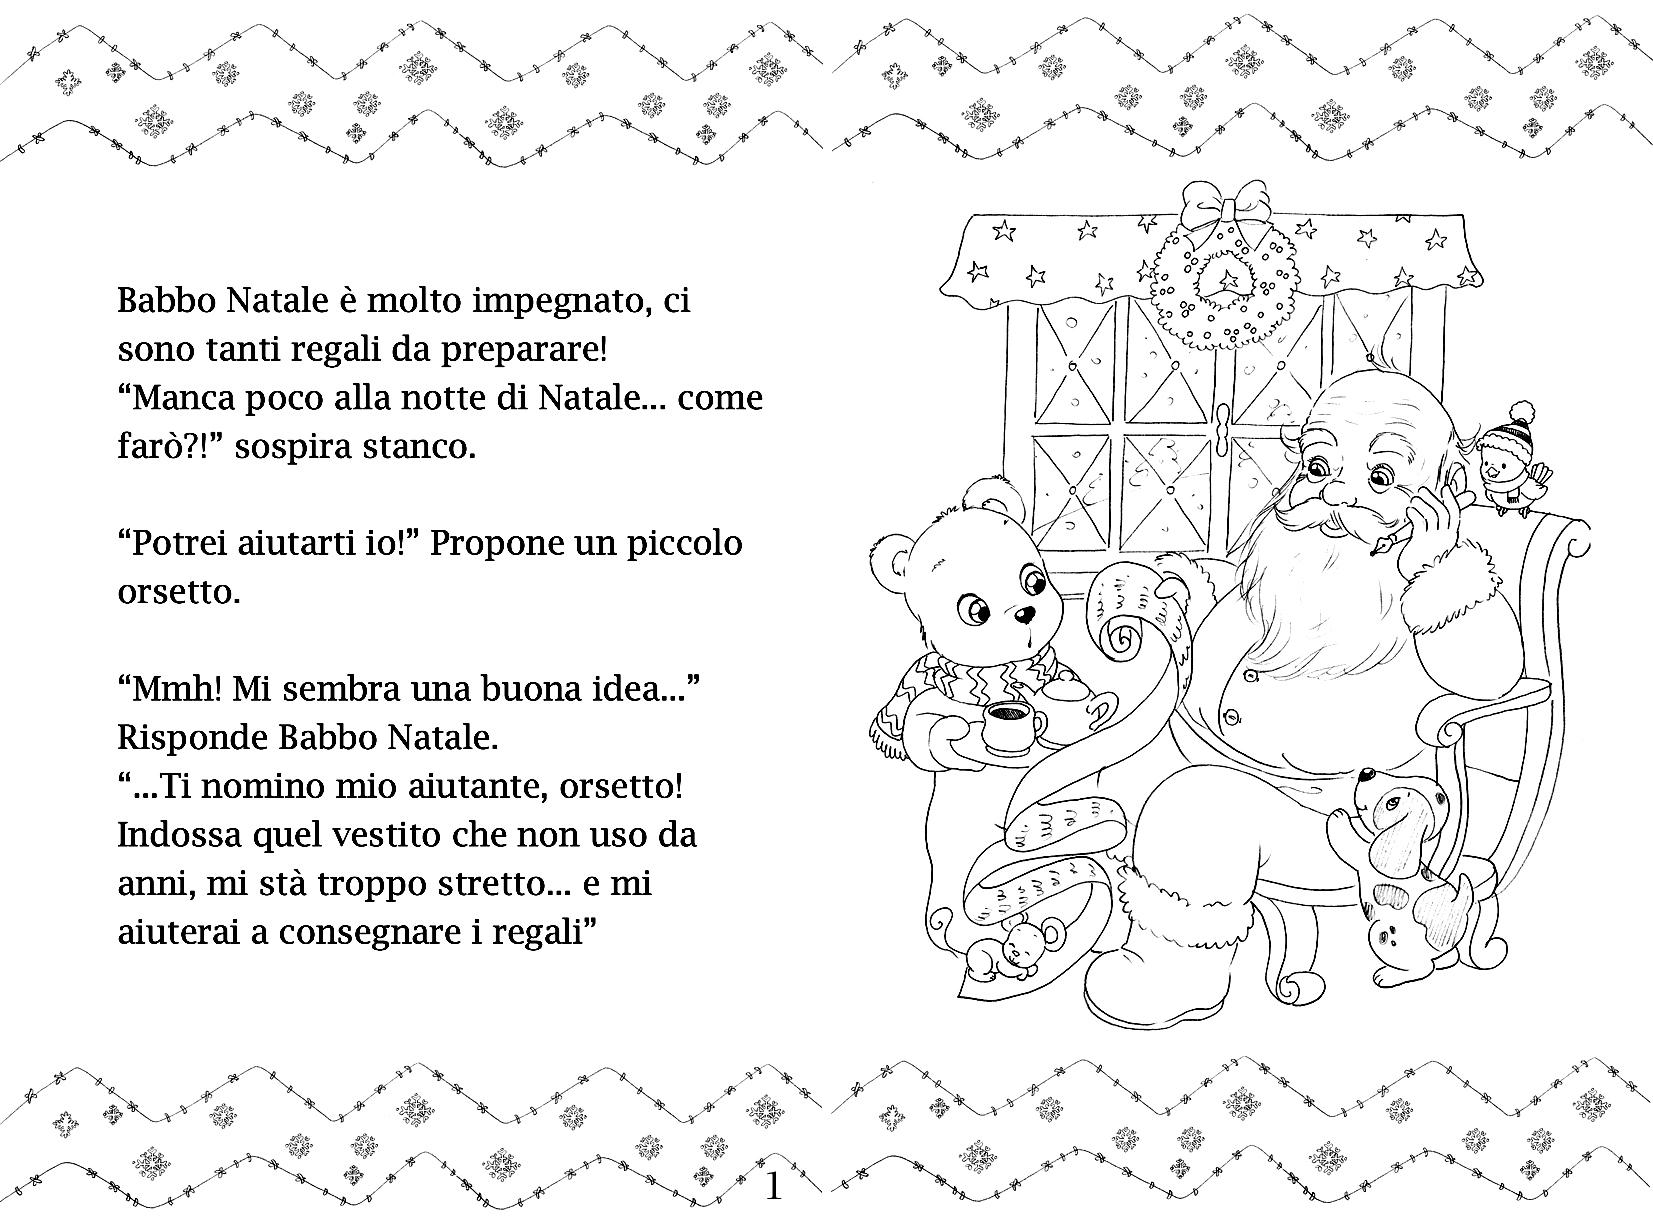 La Storia Babbo Natale.Una Storia Di Natale Da Colorare Orsetto Babbo Natale Le